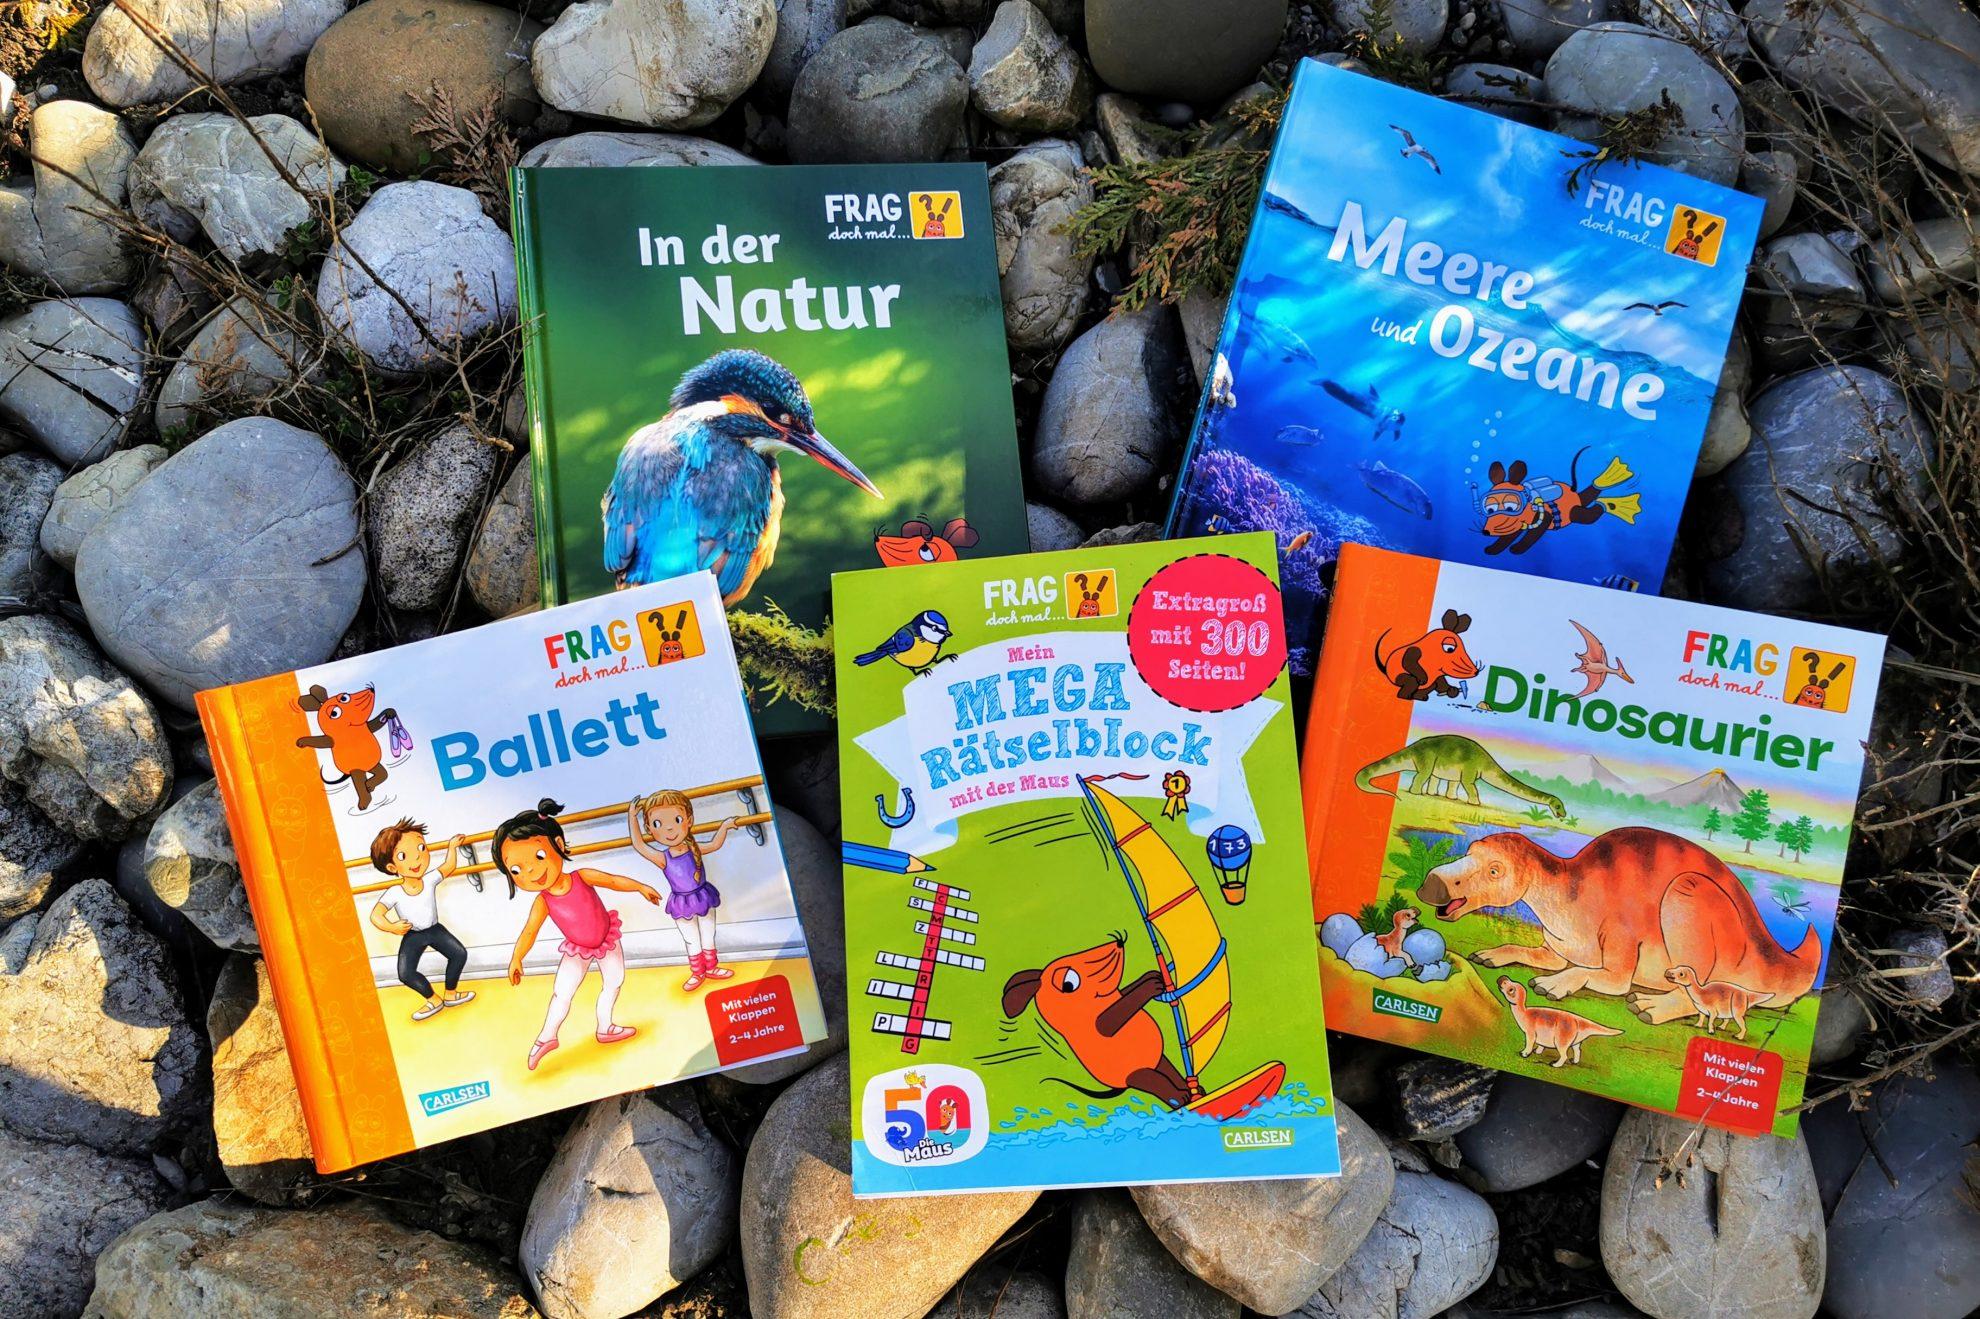 Frag doch mal die Maus ist eine tolle Buchreihe für wissensdurstige Kinder zwischen 2 und 10 Jahren, die uns Erwachsene auch einiges lehrt.